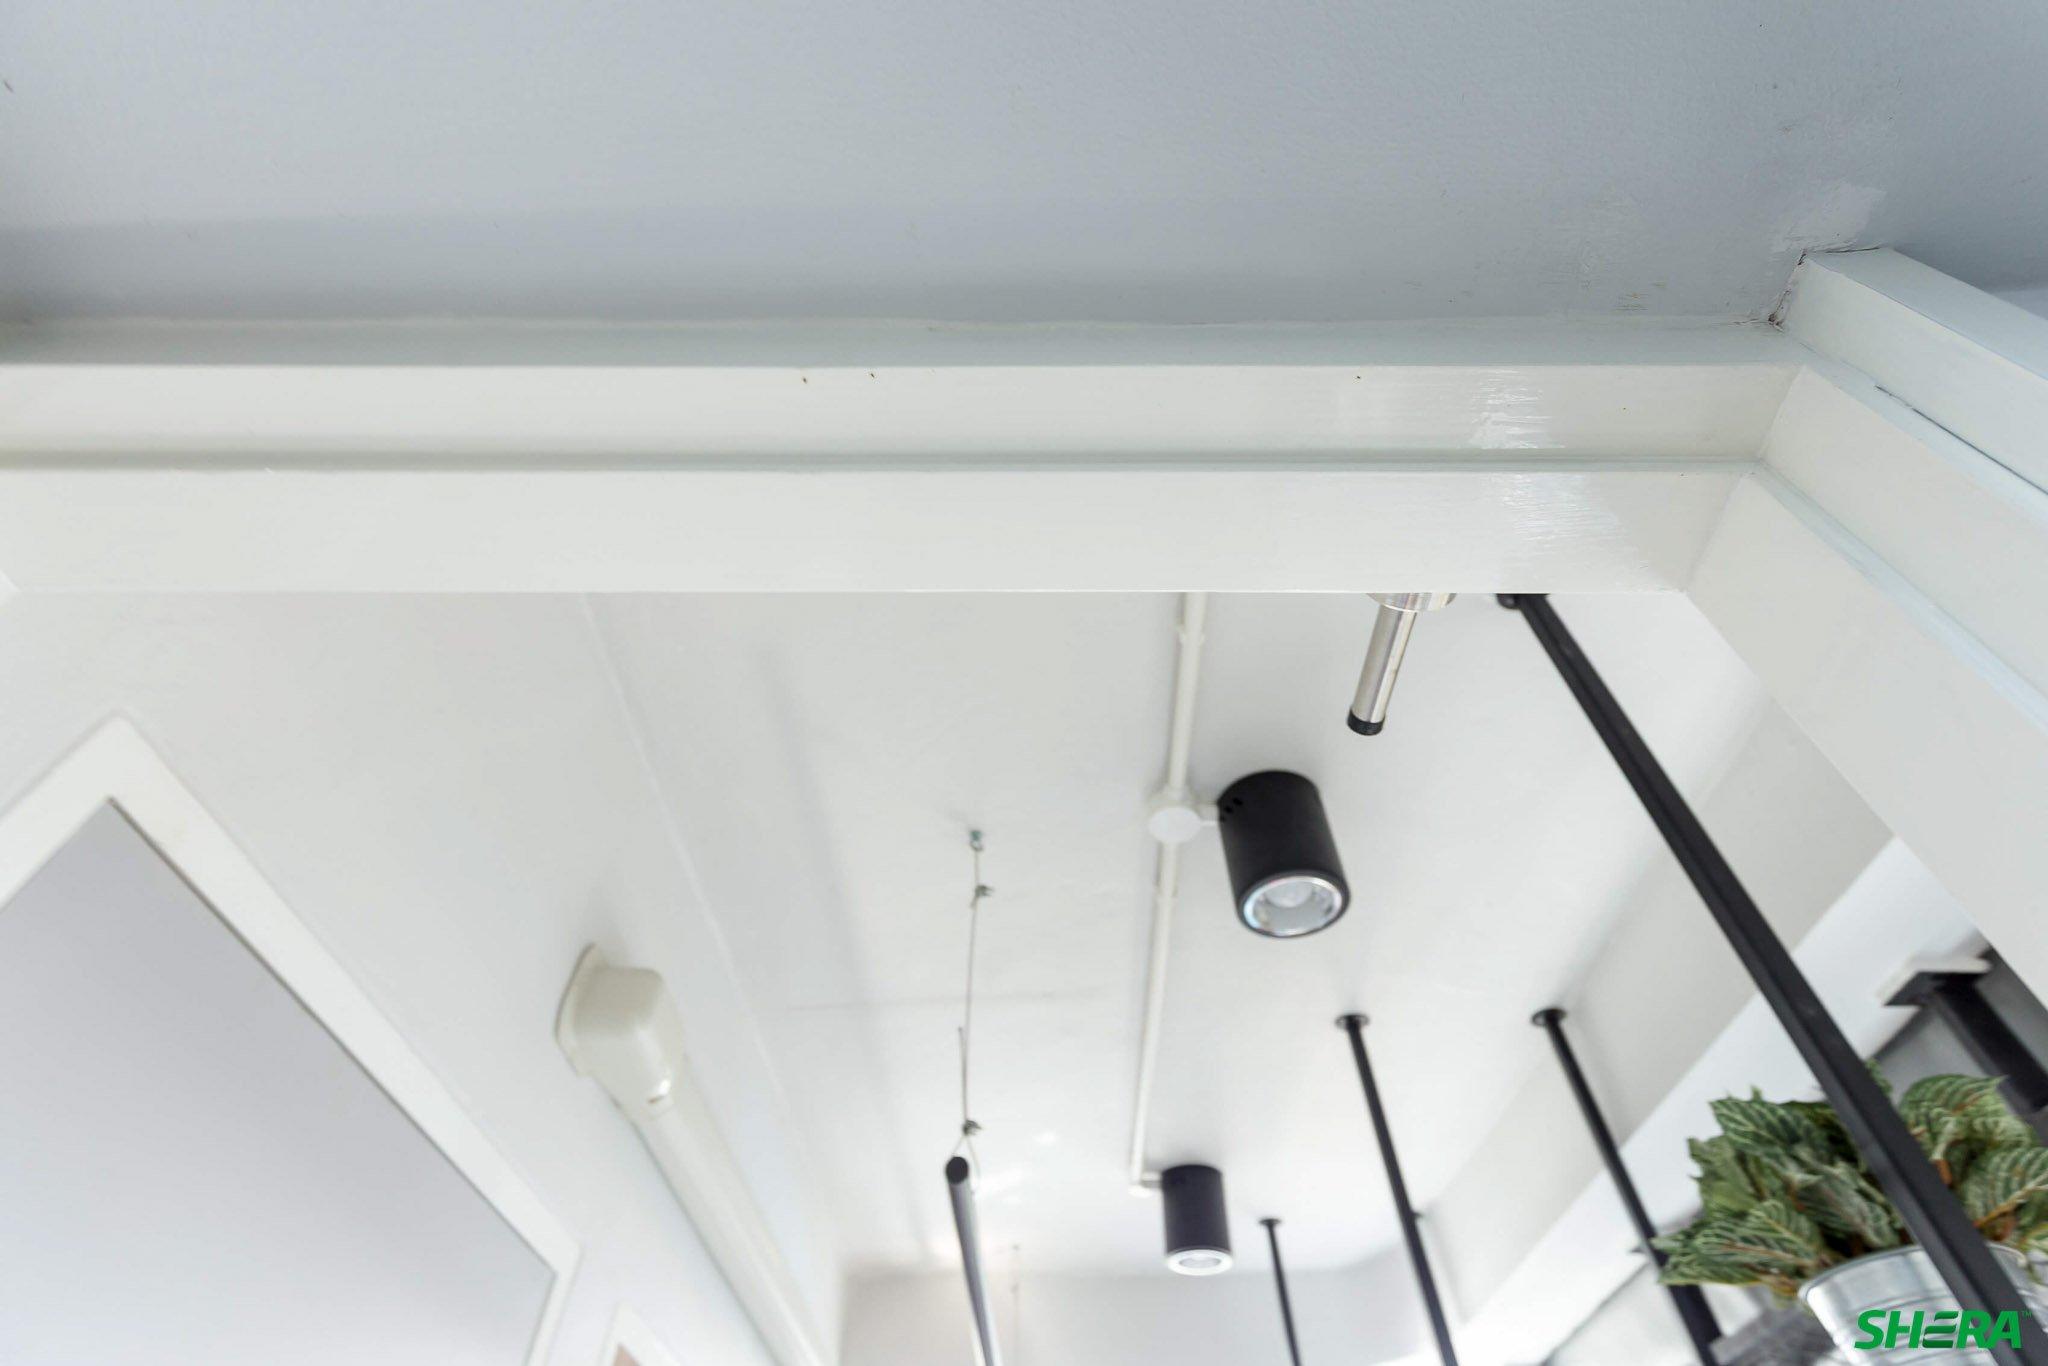 รีโนเวทบ้าน แปลงคอนโดเก่าเป็นสไตล์ Loft และประตูสวยทนด้วยไฟเบอร์ซีเมนต์จาก Shera 36 - fiber cement wood